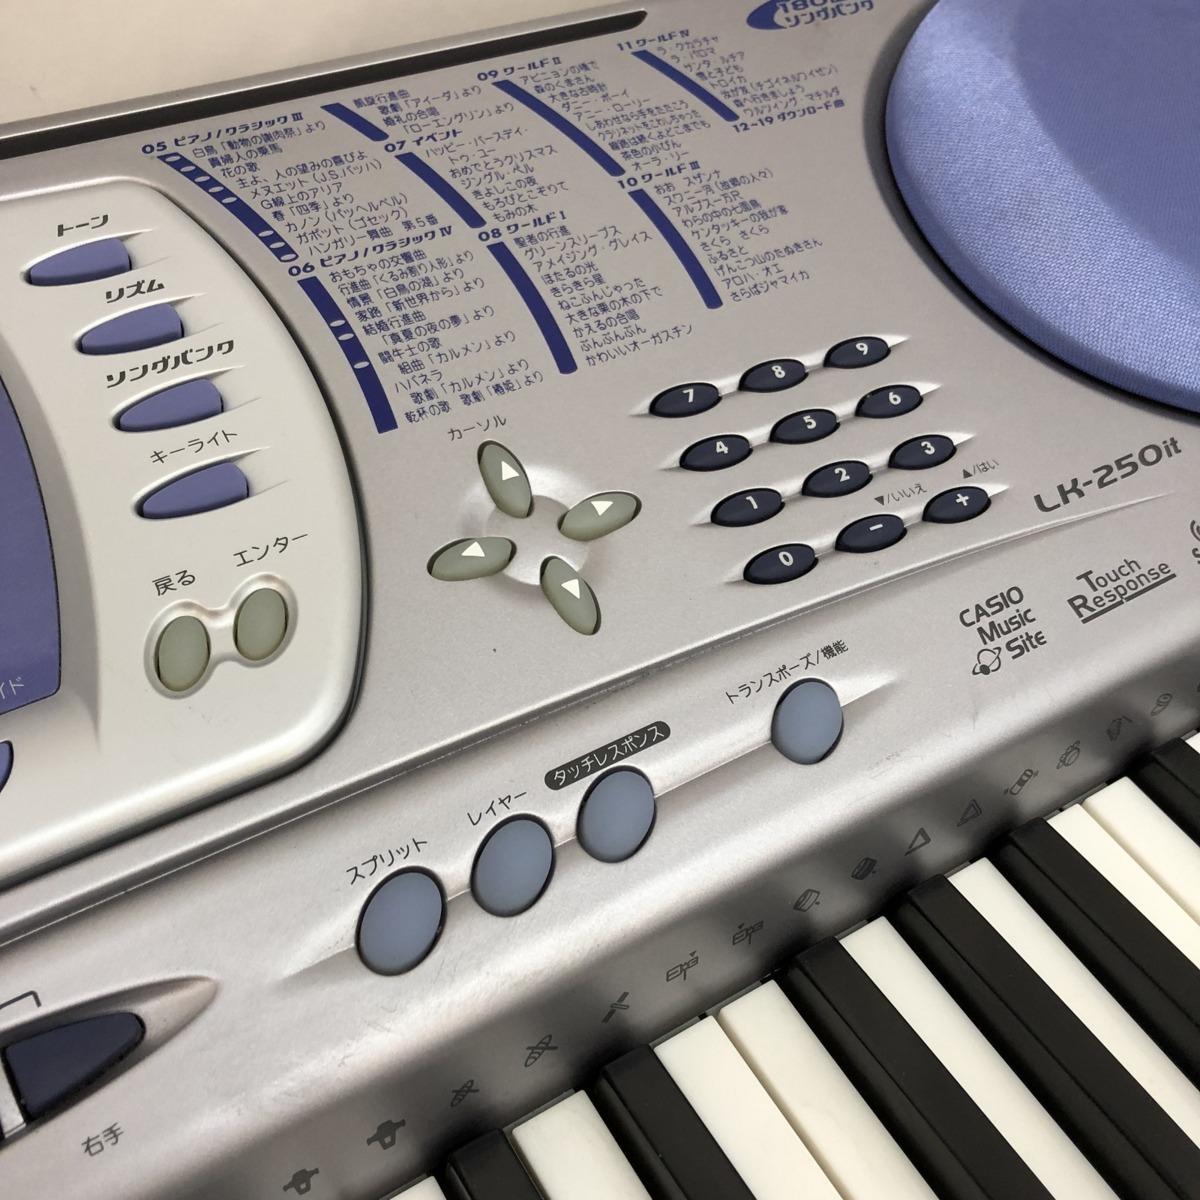 中古 CASIO カシオ 電子キーボード LK-250it 光ナビゲーション ケイタイリンク シルバー ブルー 電子ピアノ 鍵盤楽器 アダプター付 H15354_画像10